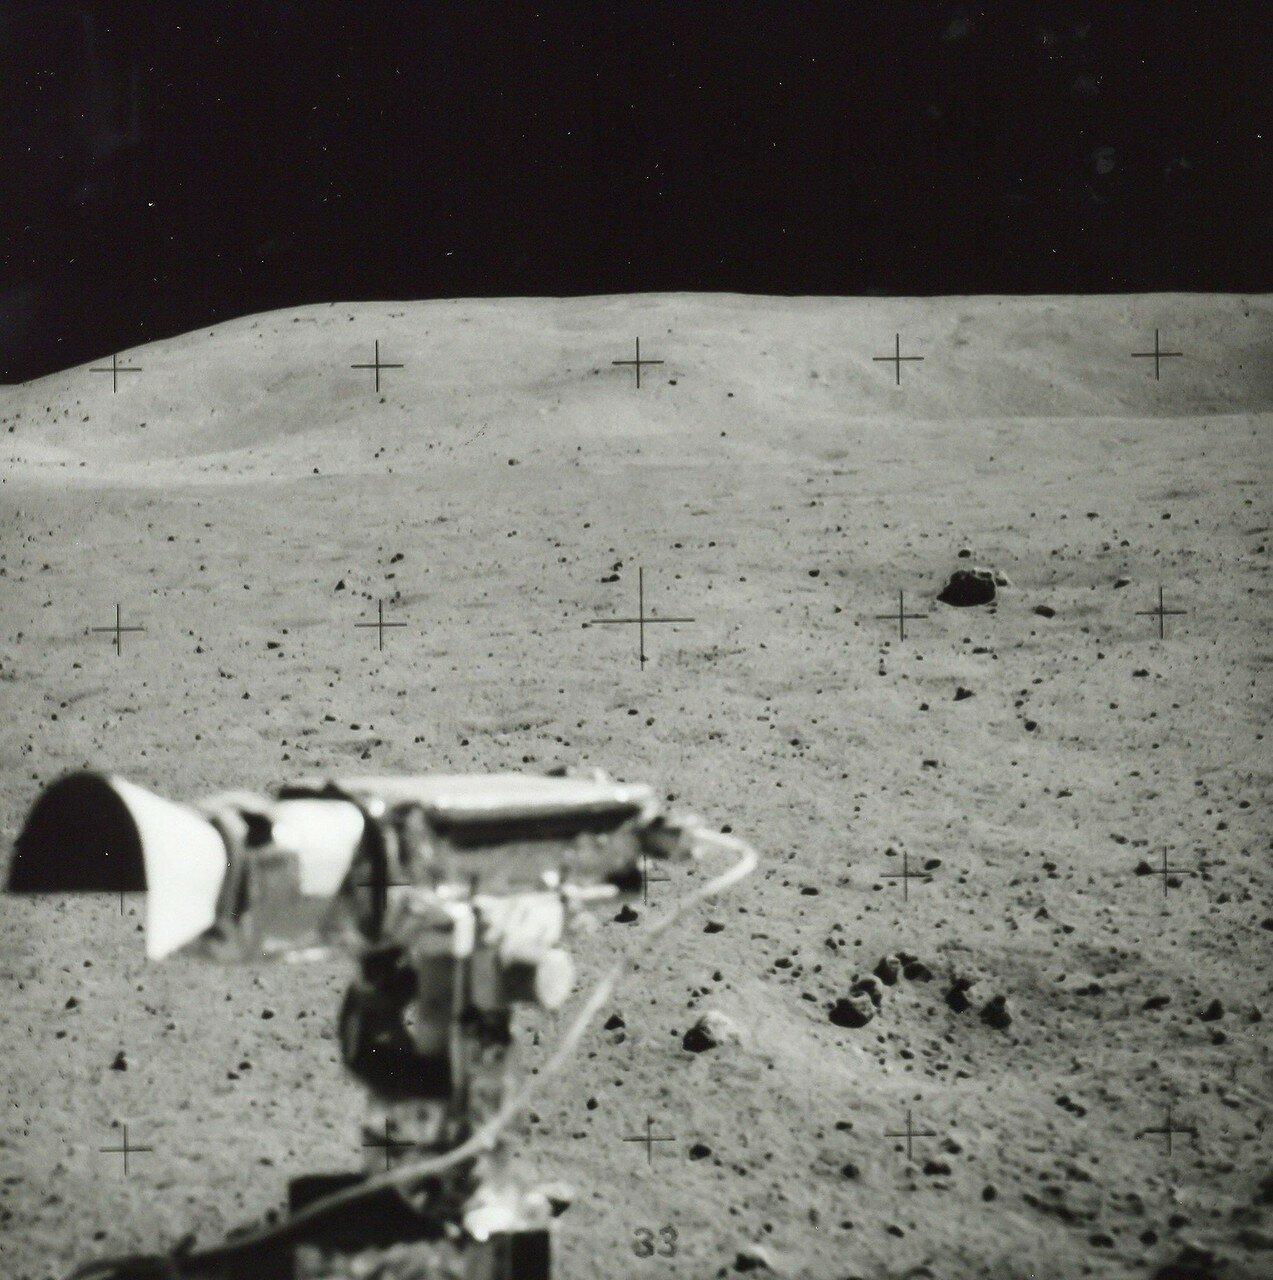 Вскоре астронавты остановились у россыпи больших валунов, некоторые из них достигали 2—3 м в поперечнике. Общий пробег «Ровера» от начала второй поездки составил 7,9 км, до лунного модуля по прямой оставалось 2,9 км.На снимке: Лунные пейзажи  из «Ровера»